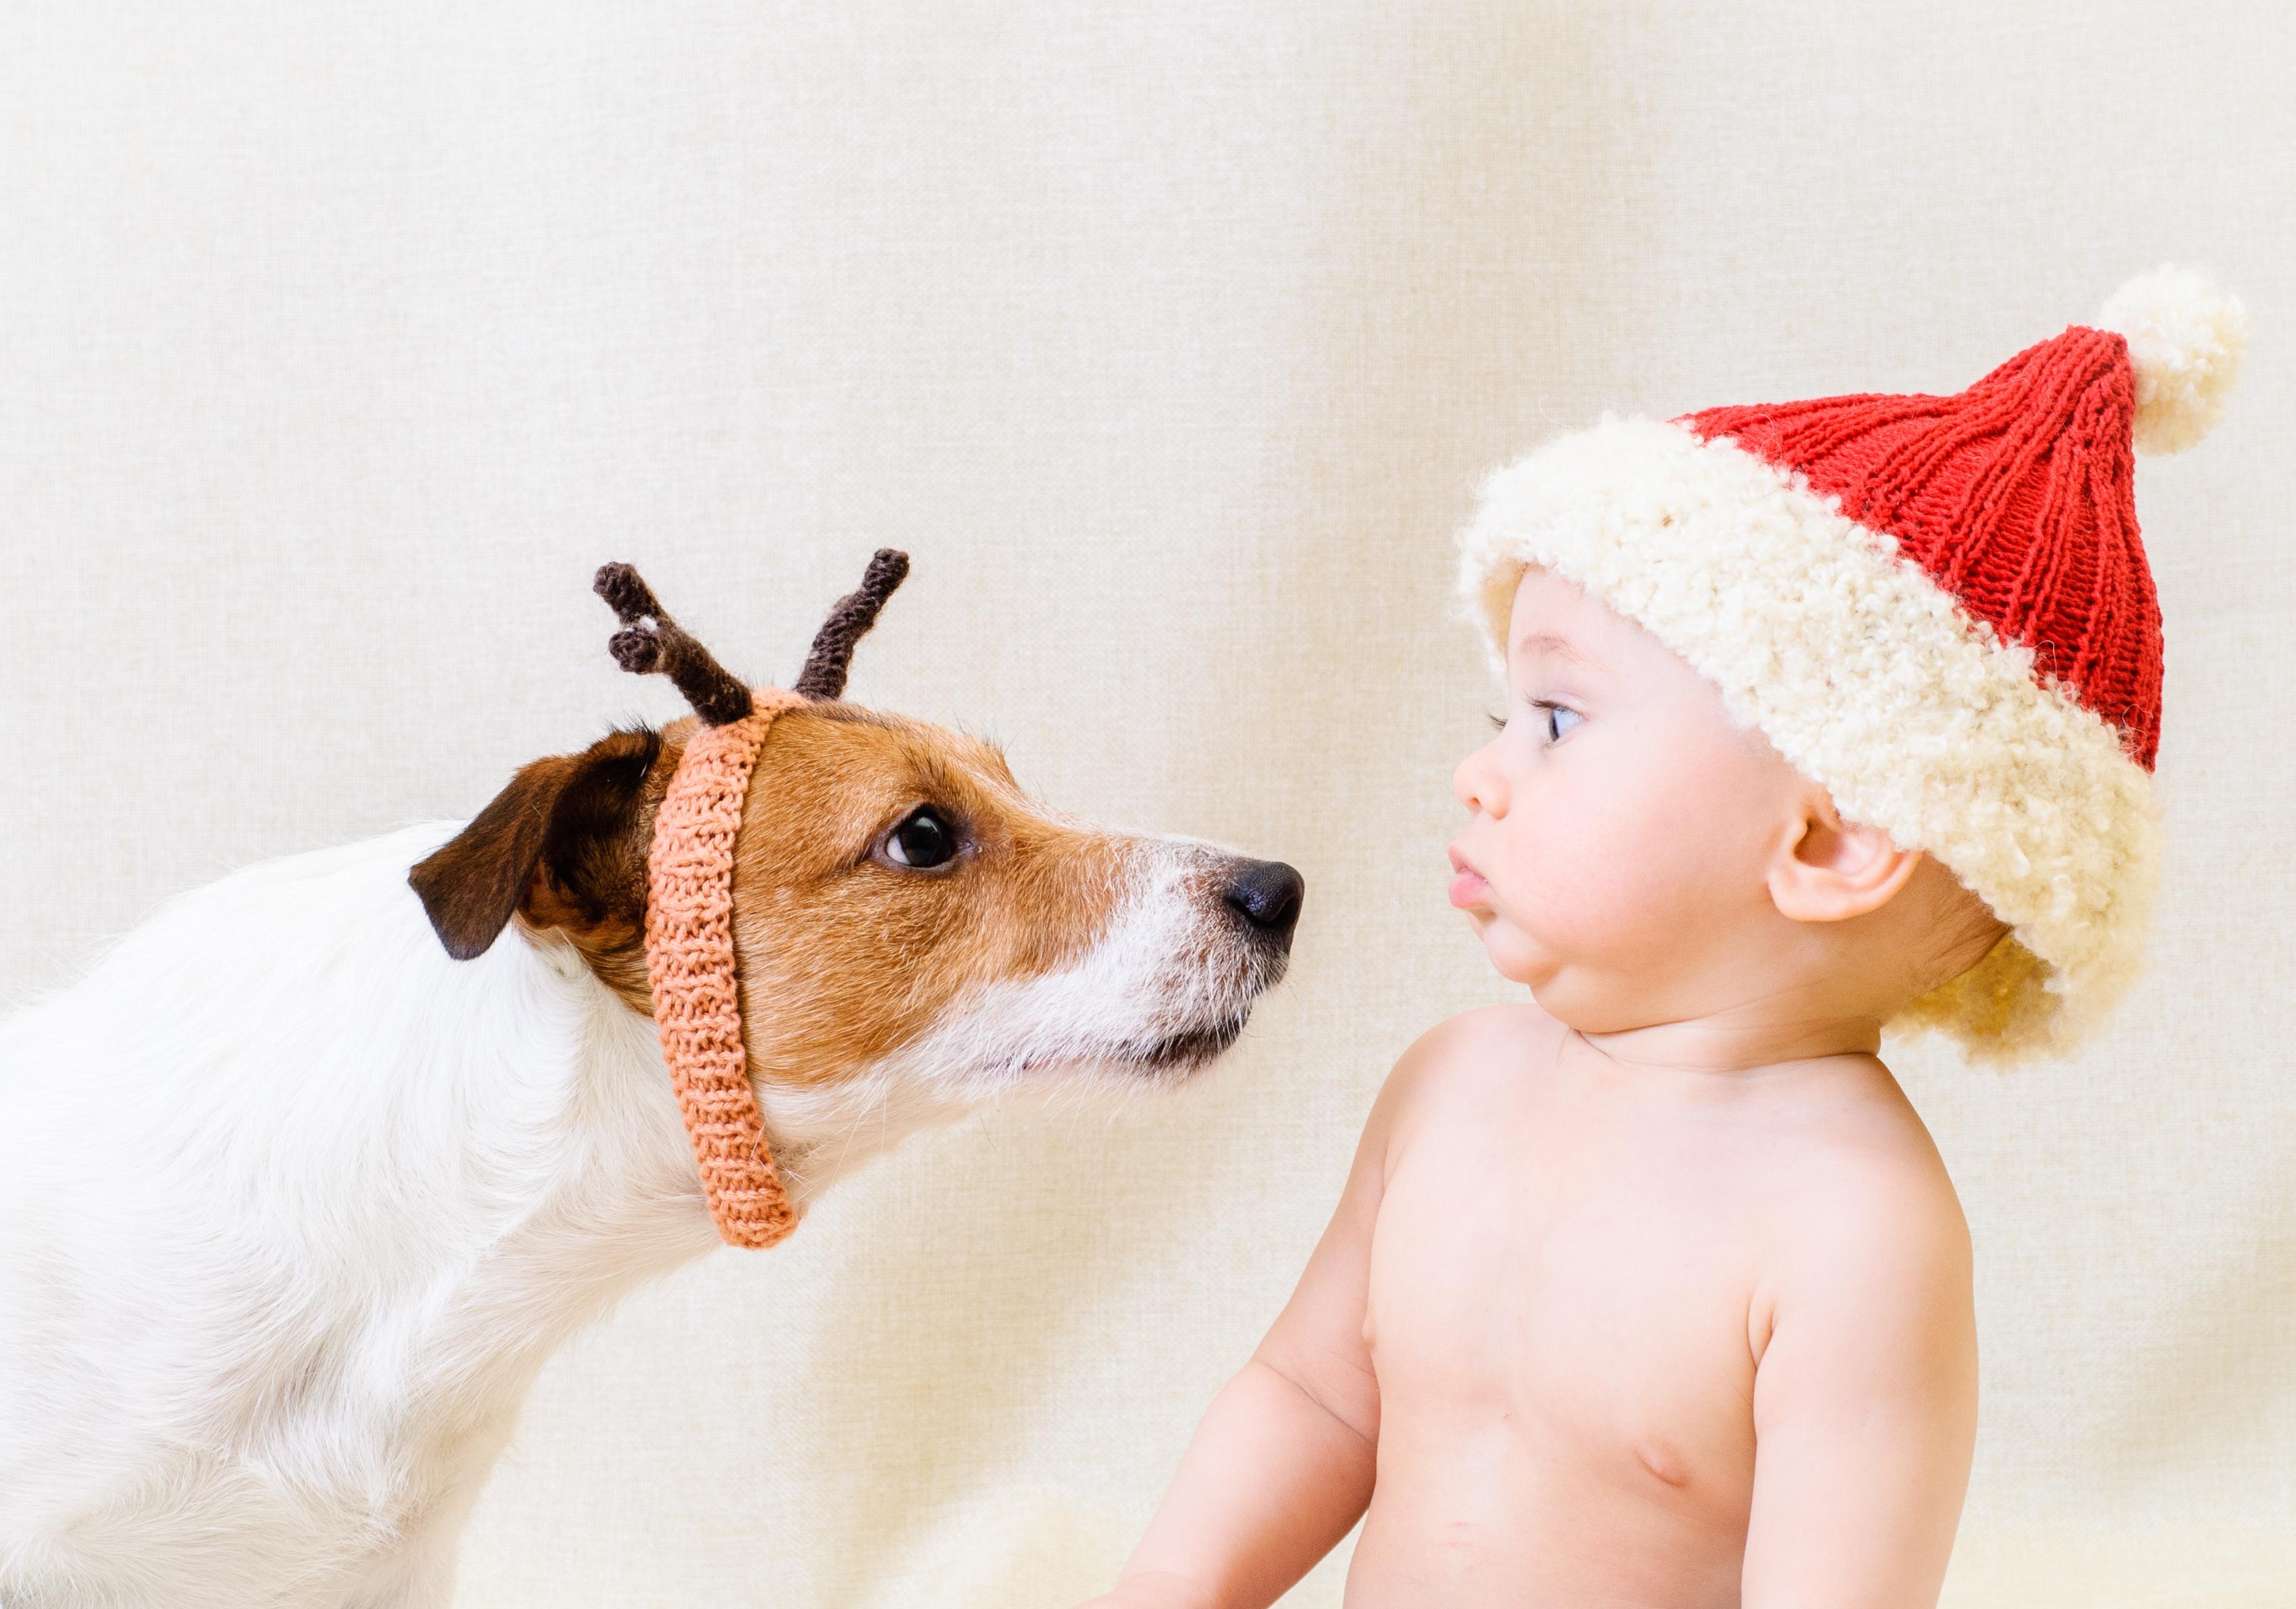 [Gratis] Imágenes Navideñas y de otras fiestas para tus campañas en esta temporada